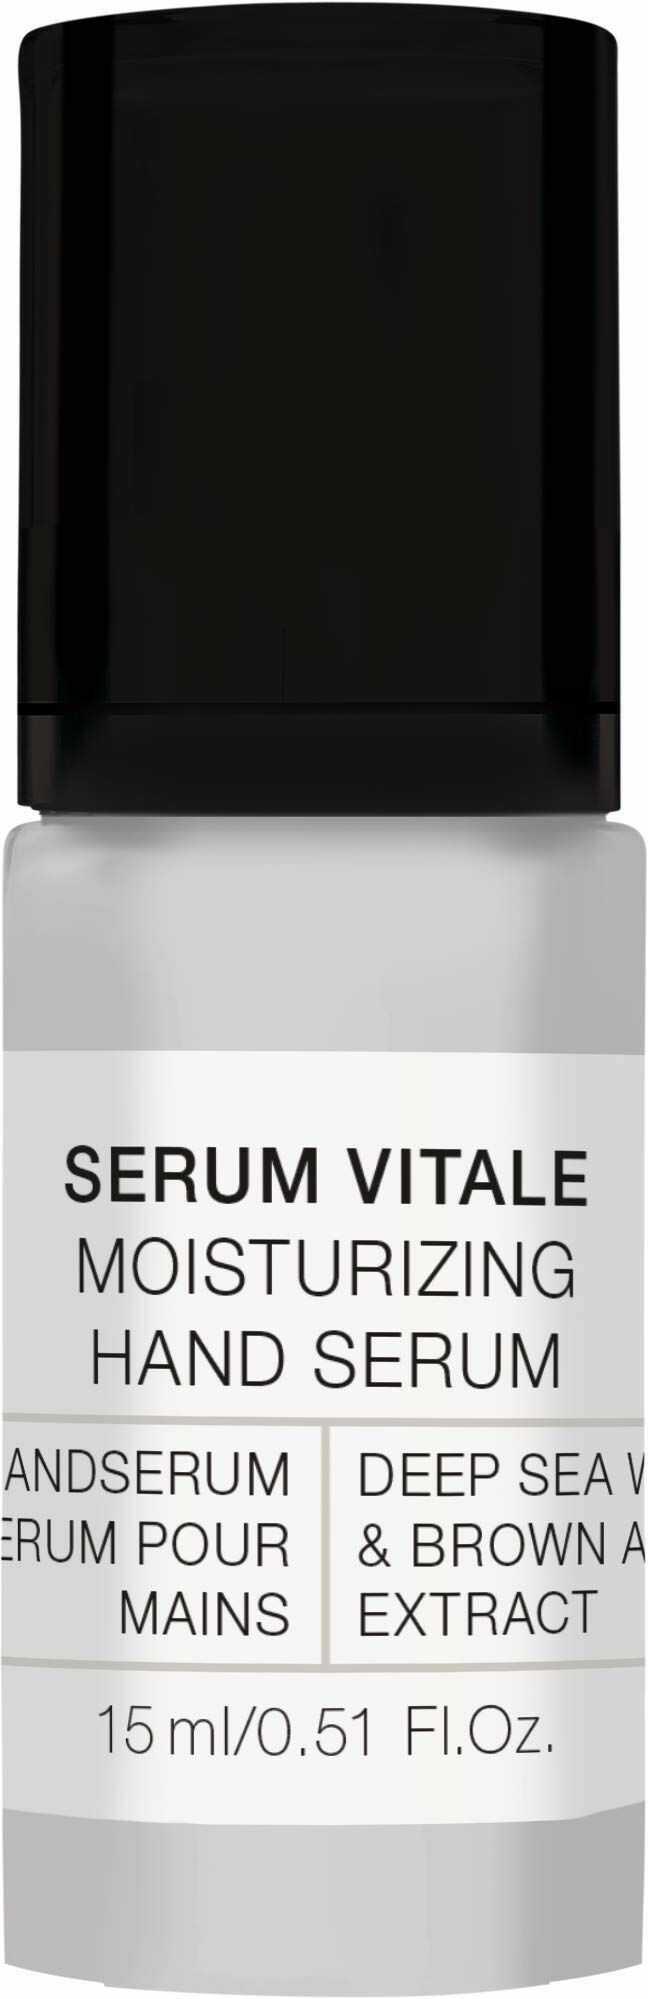 Serum Spa Vitale  nawilżające serum do rąk do ochrony i gładkiej skóry, 15 ml